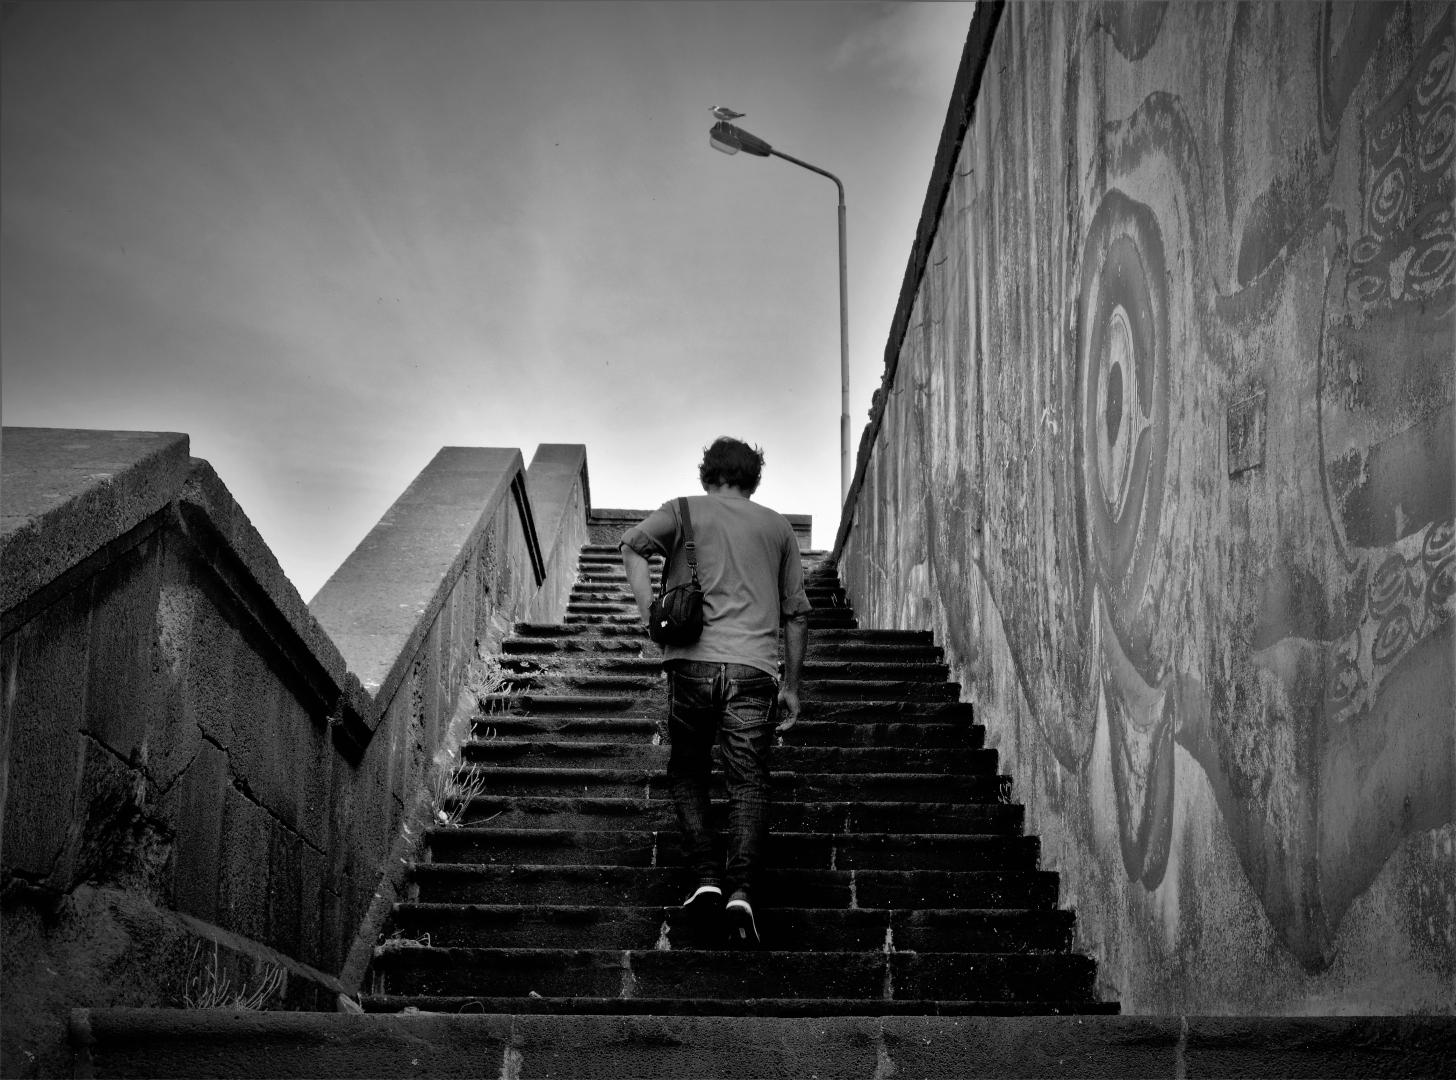 Fotografia de Rua/Stairway to a friend of Freedom in Heaven